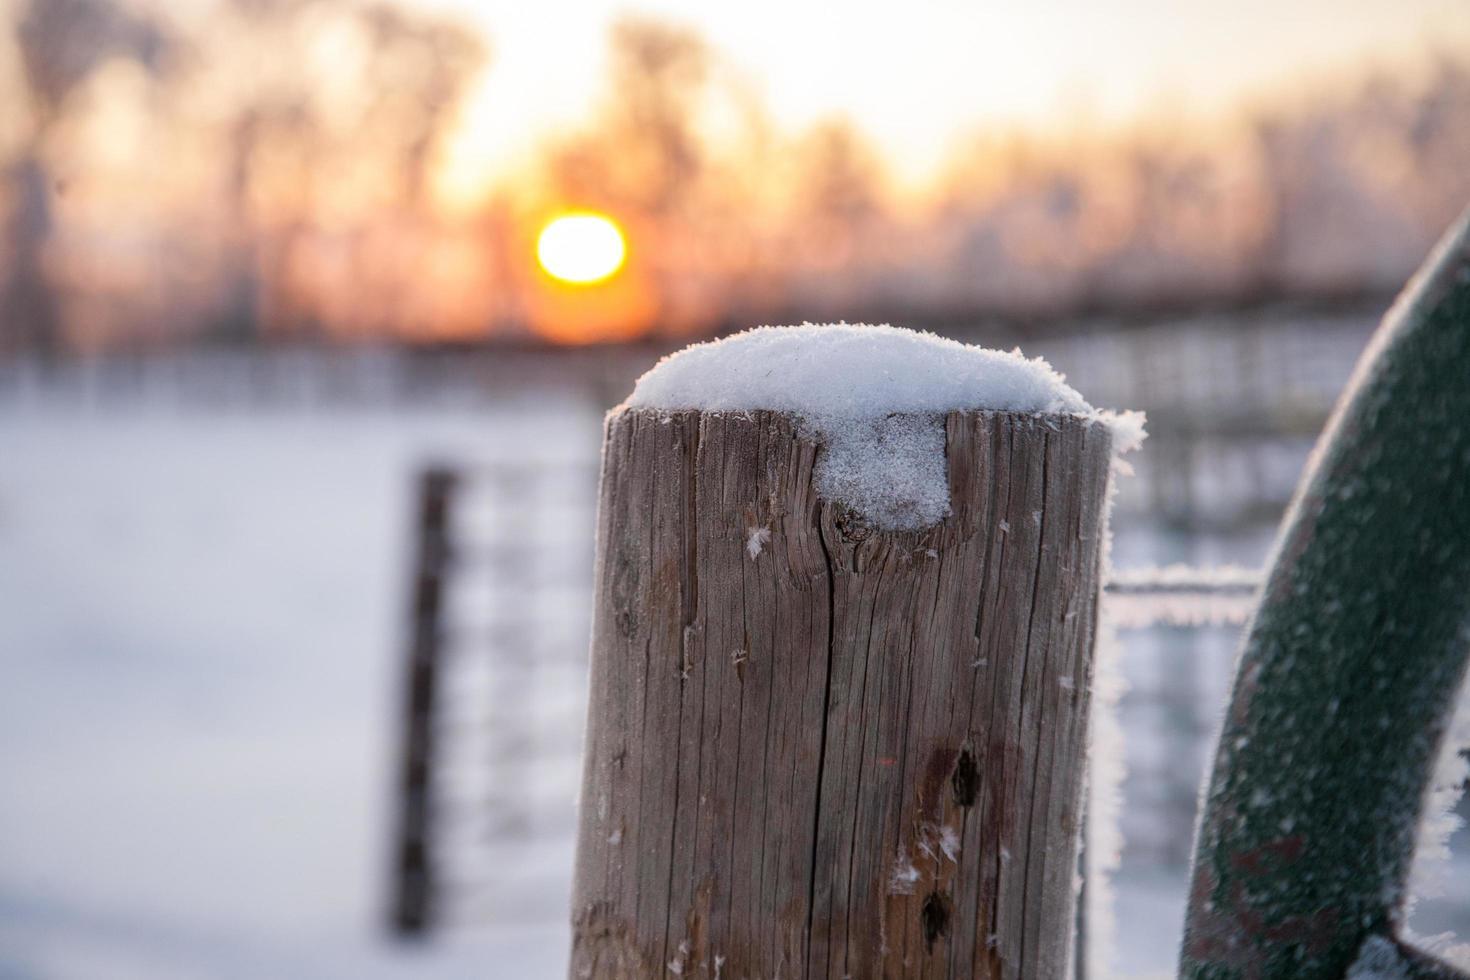 neige sur un poteau au lever du soleil photo